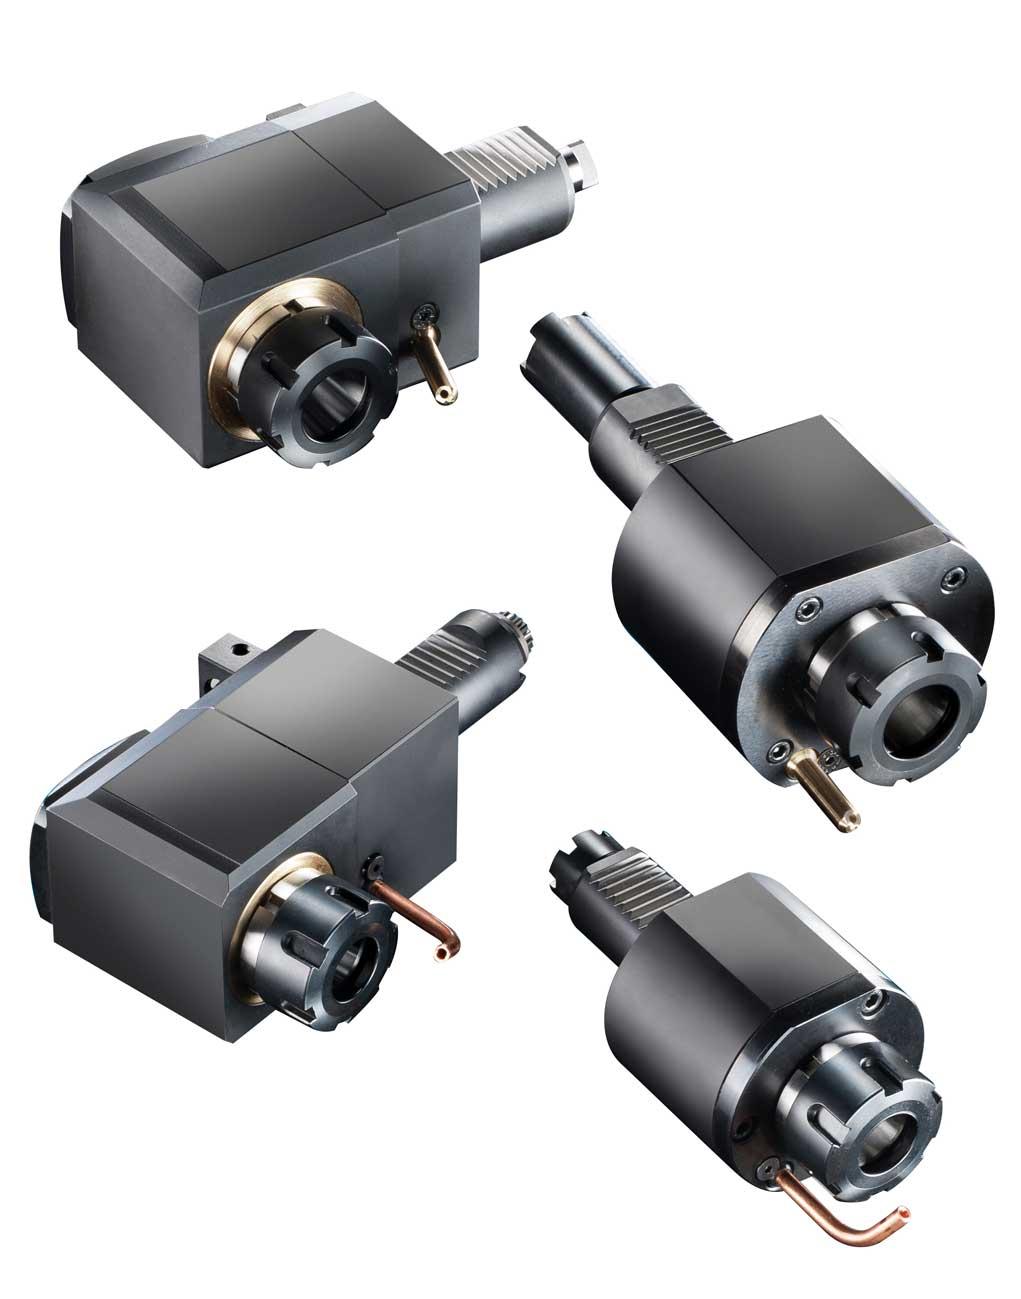 werkzeughalter-motorizzati Werkzeughalter